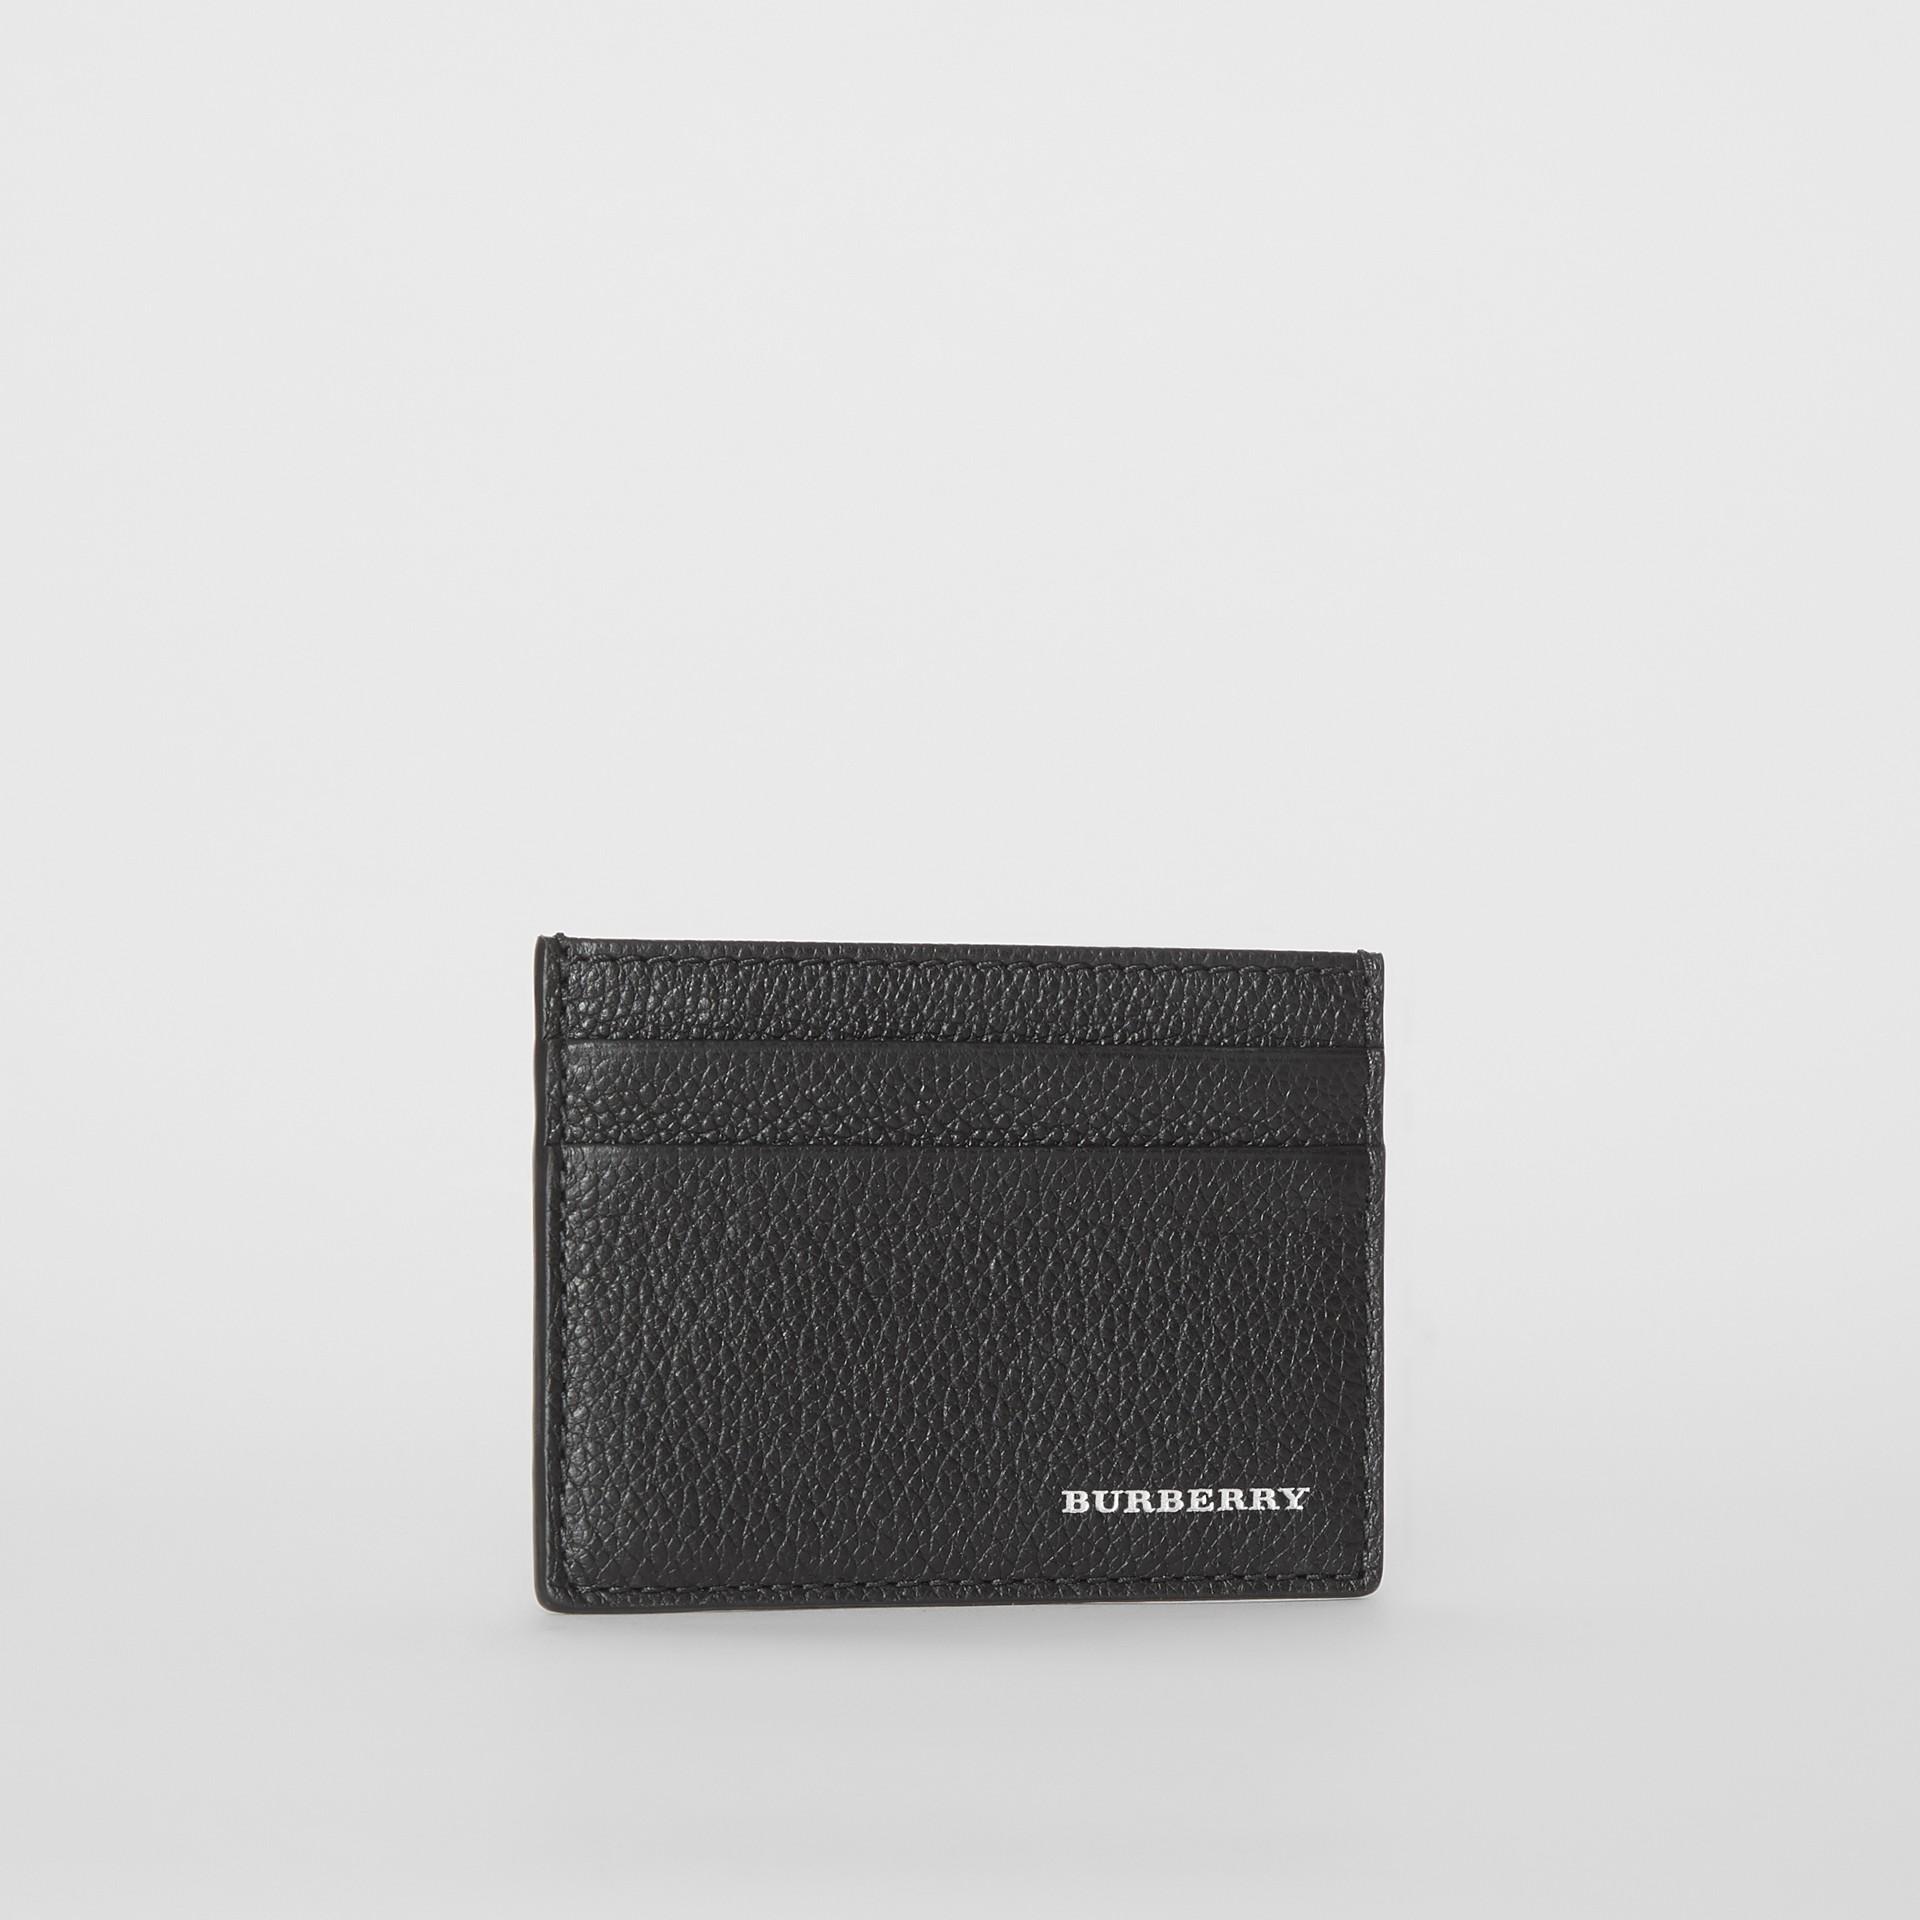 グレイニーレザー カードケース (ブラック) | バーバリー - ギャラリーイメージ 3